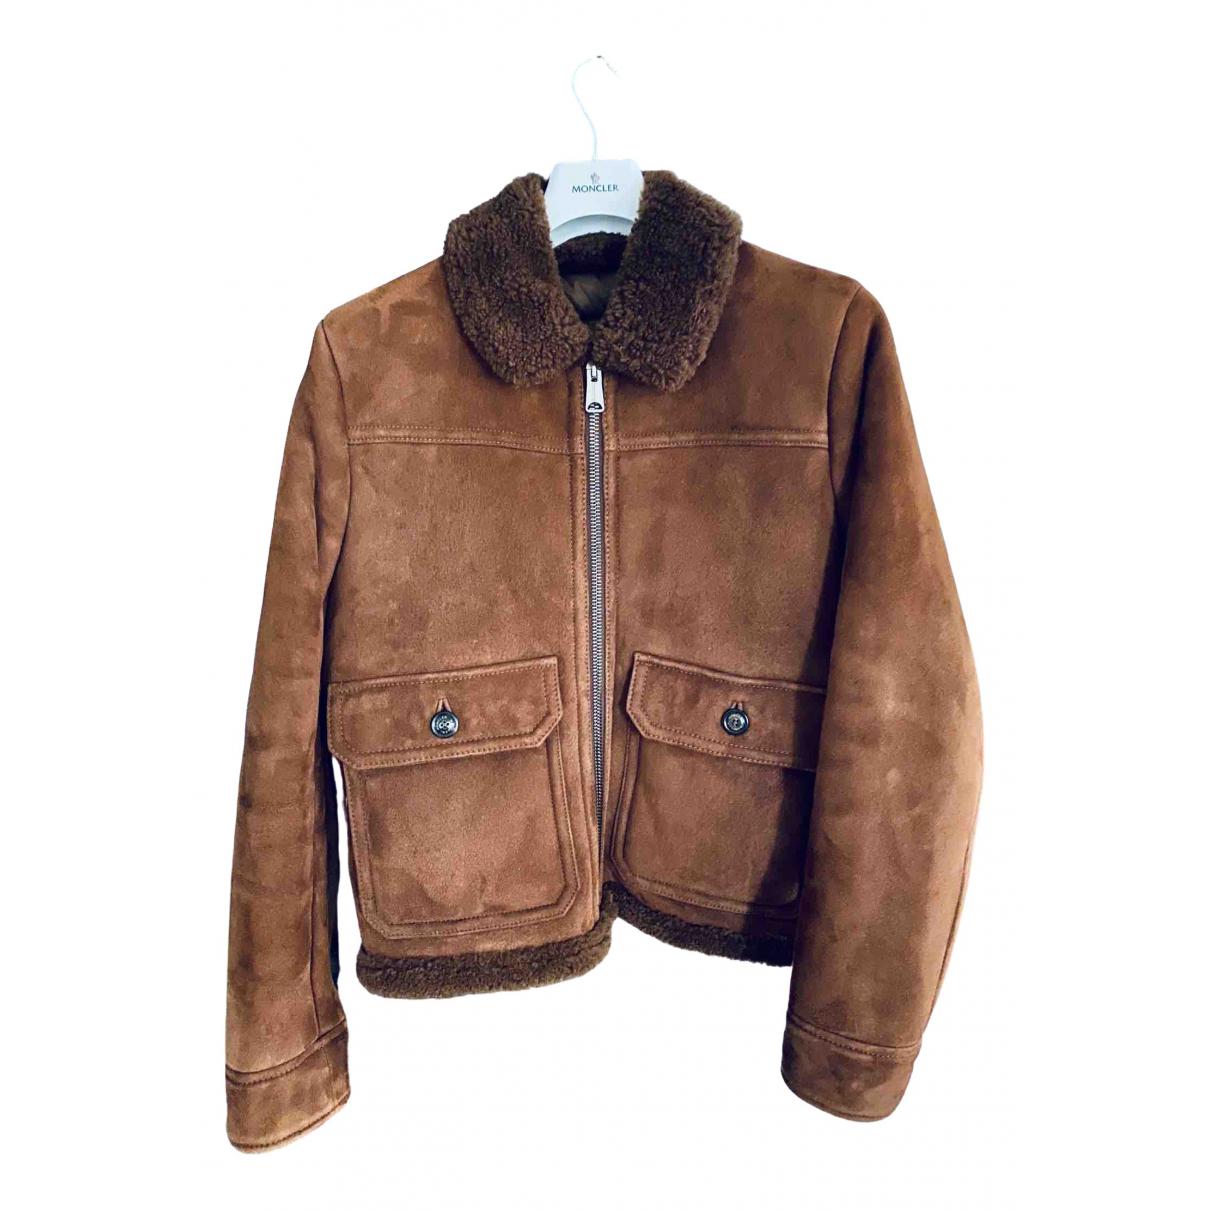 Moncler - Manteau   pour homme en cuir - marron